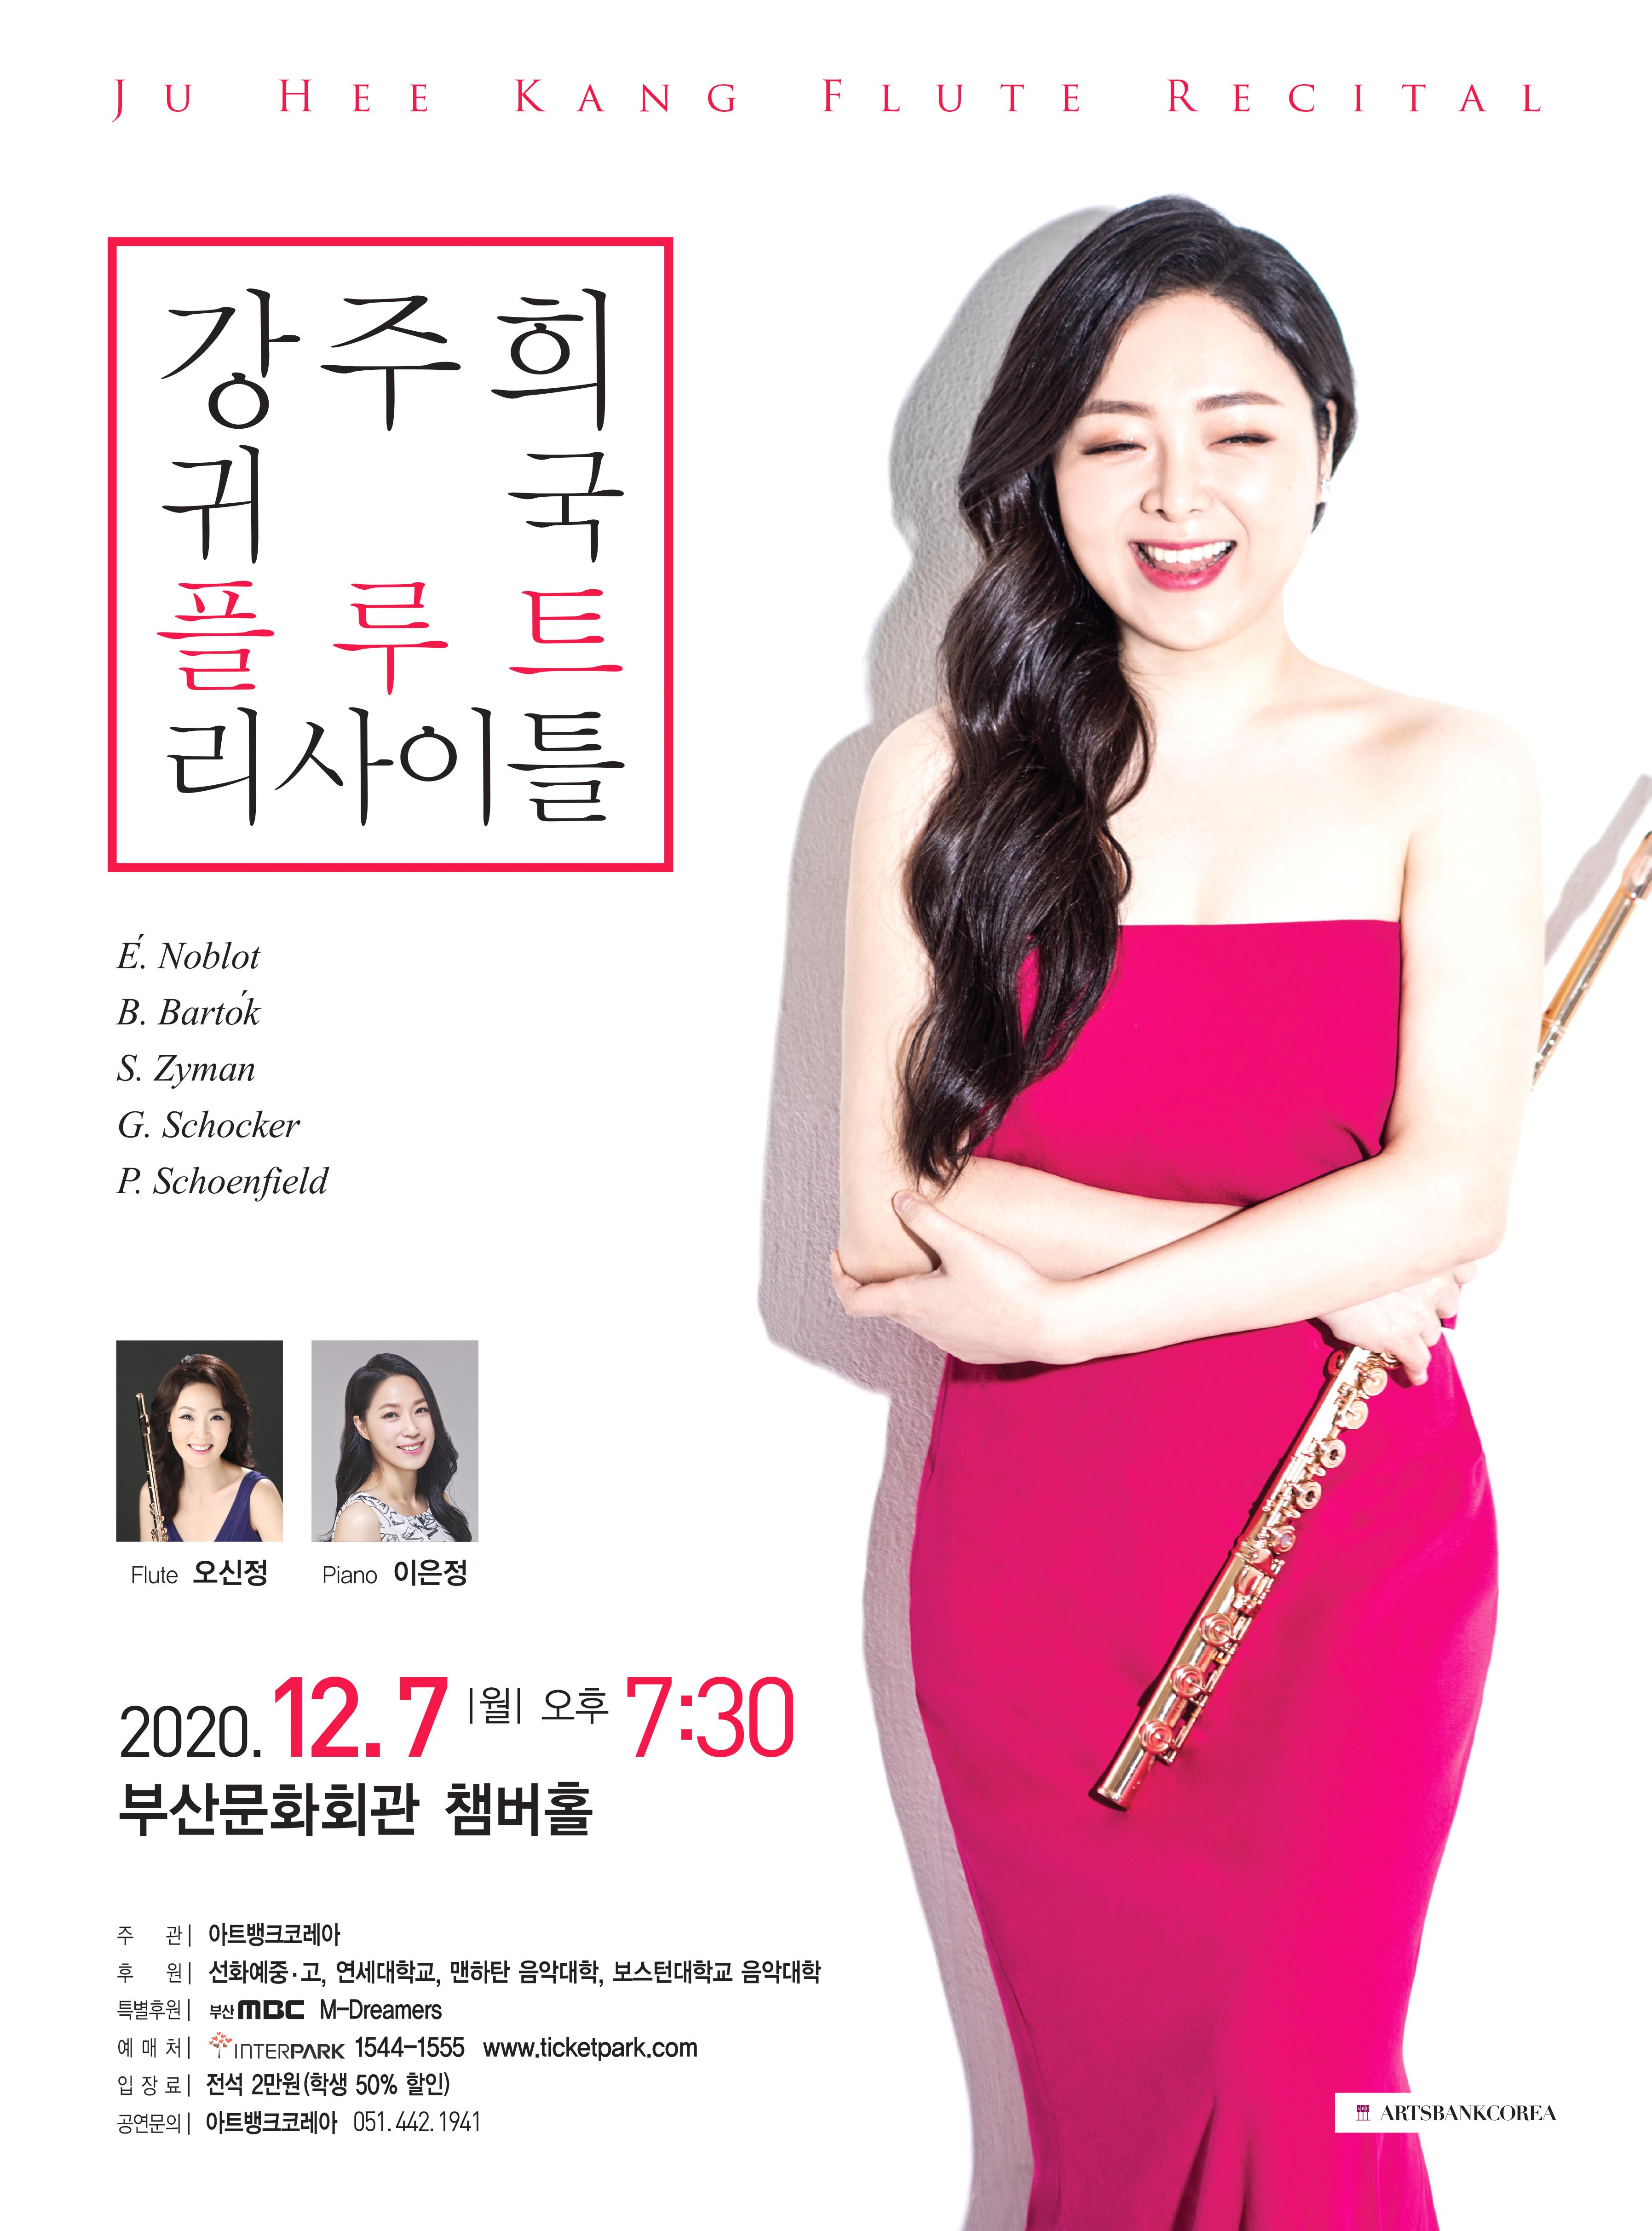 강주희 플루트 리사이틀